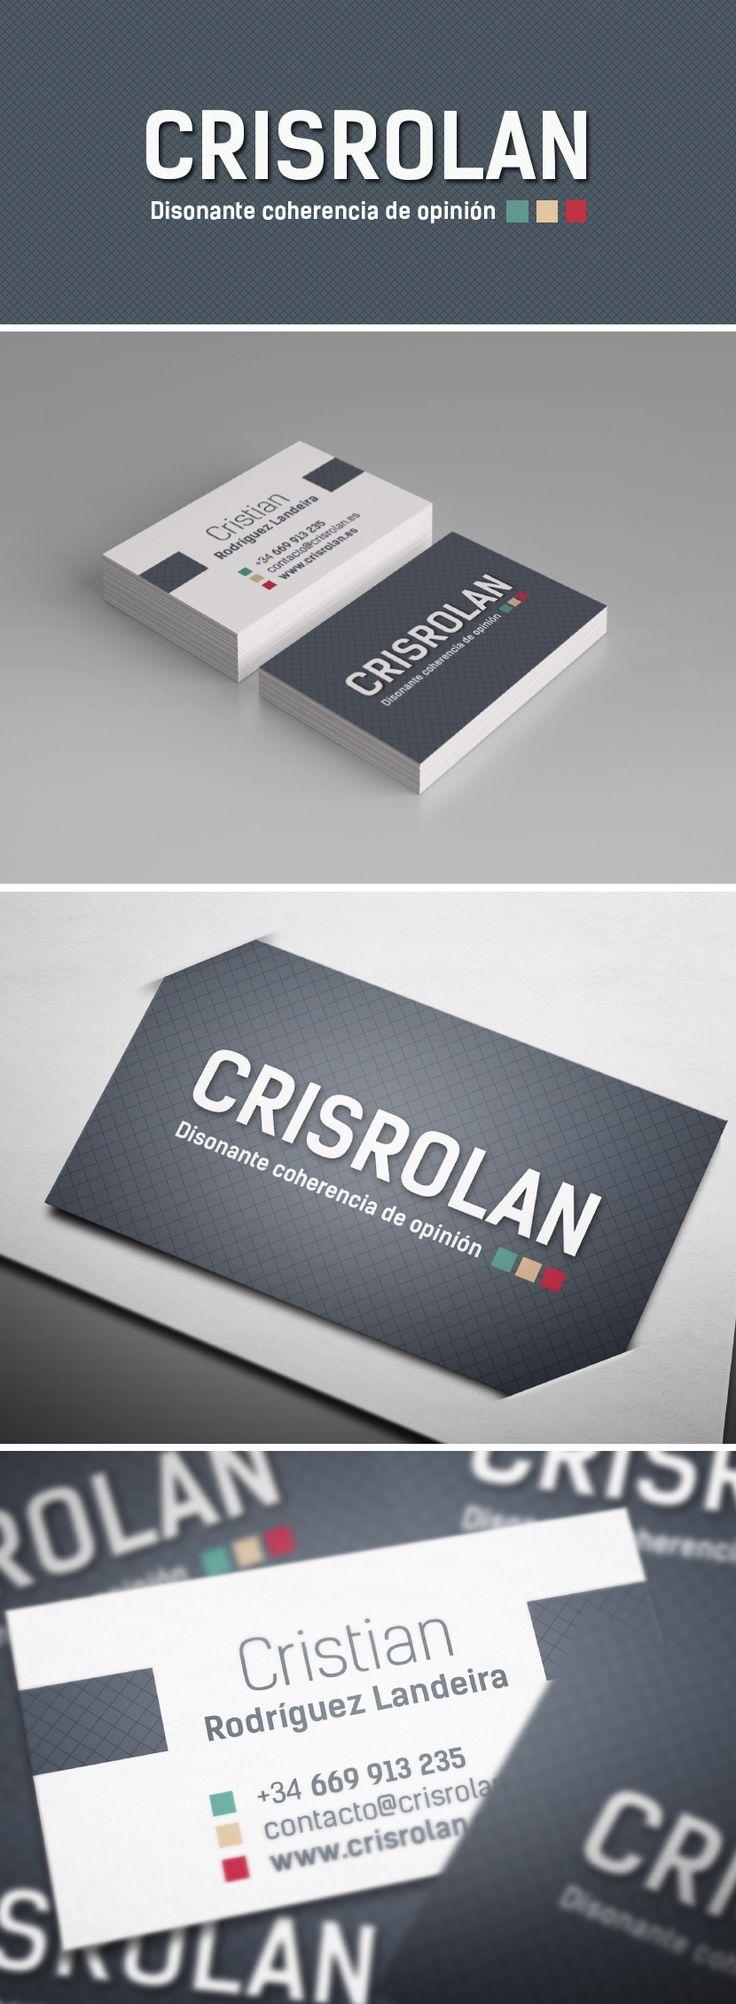 Identidad corporativa, diseño de tarjetas de visita y diseño web http://www.ainaragm.es/portfolio/crisrolan/